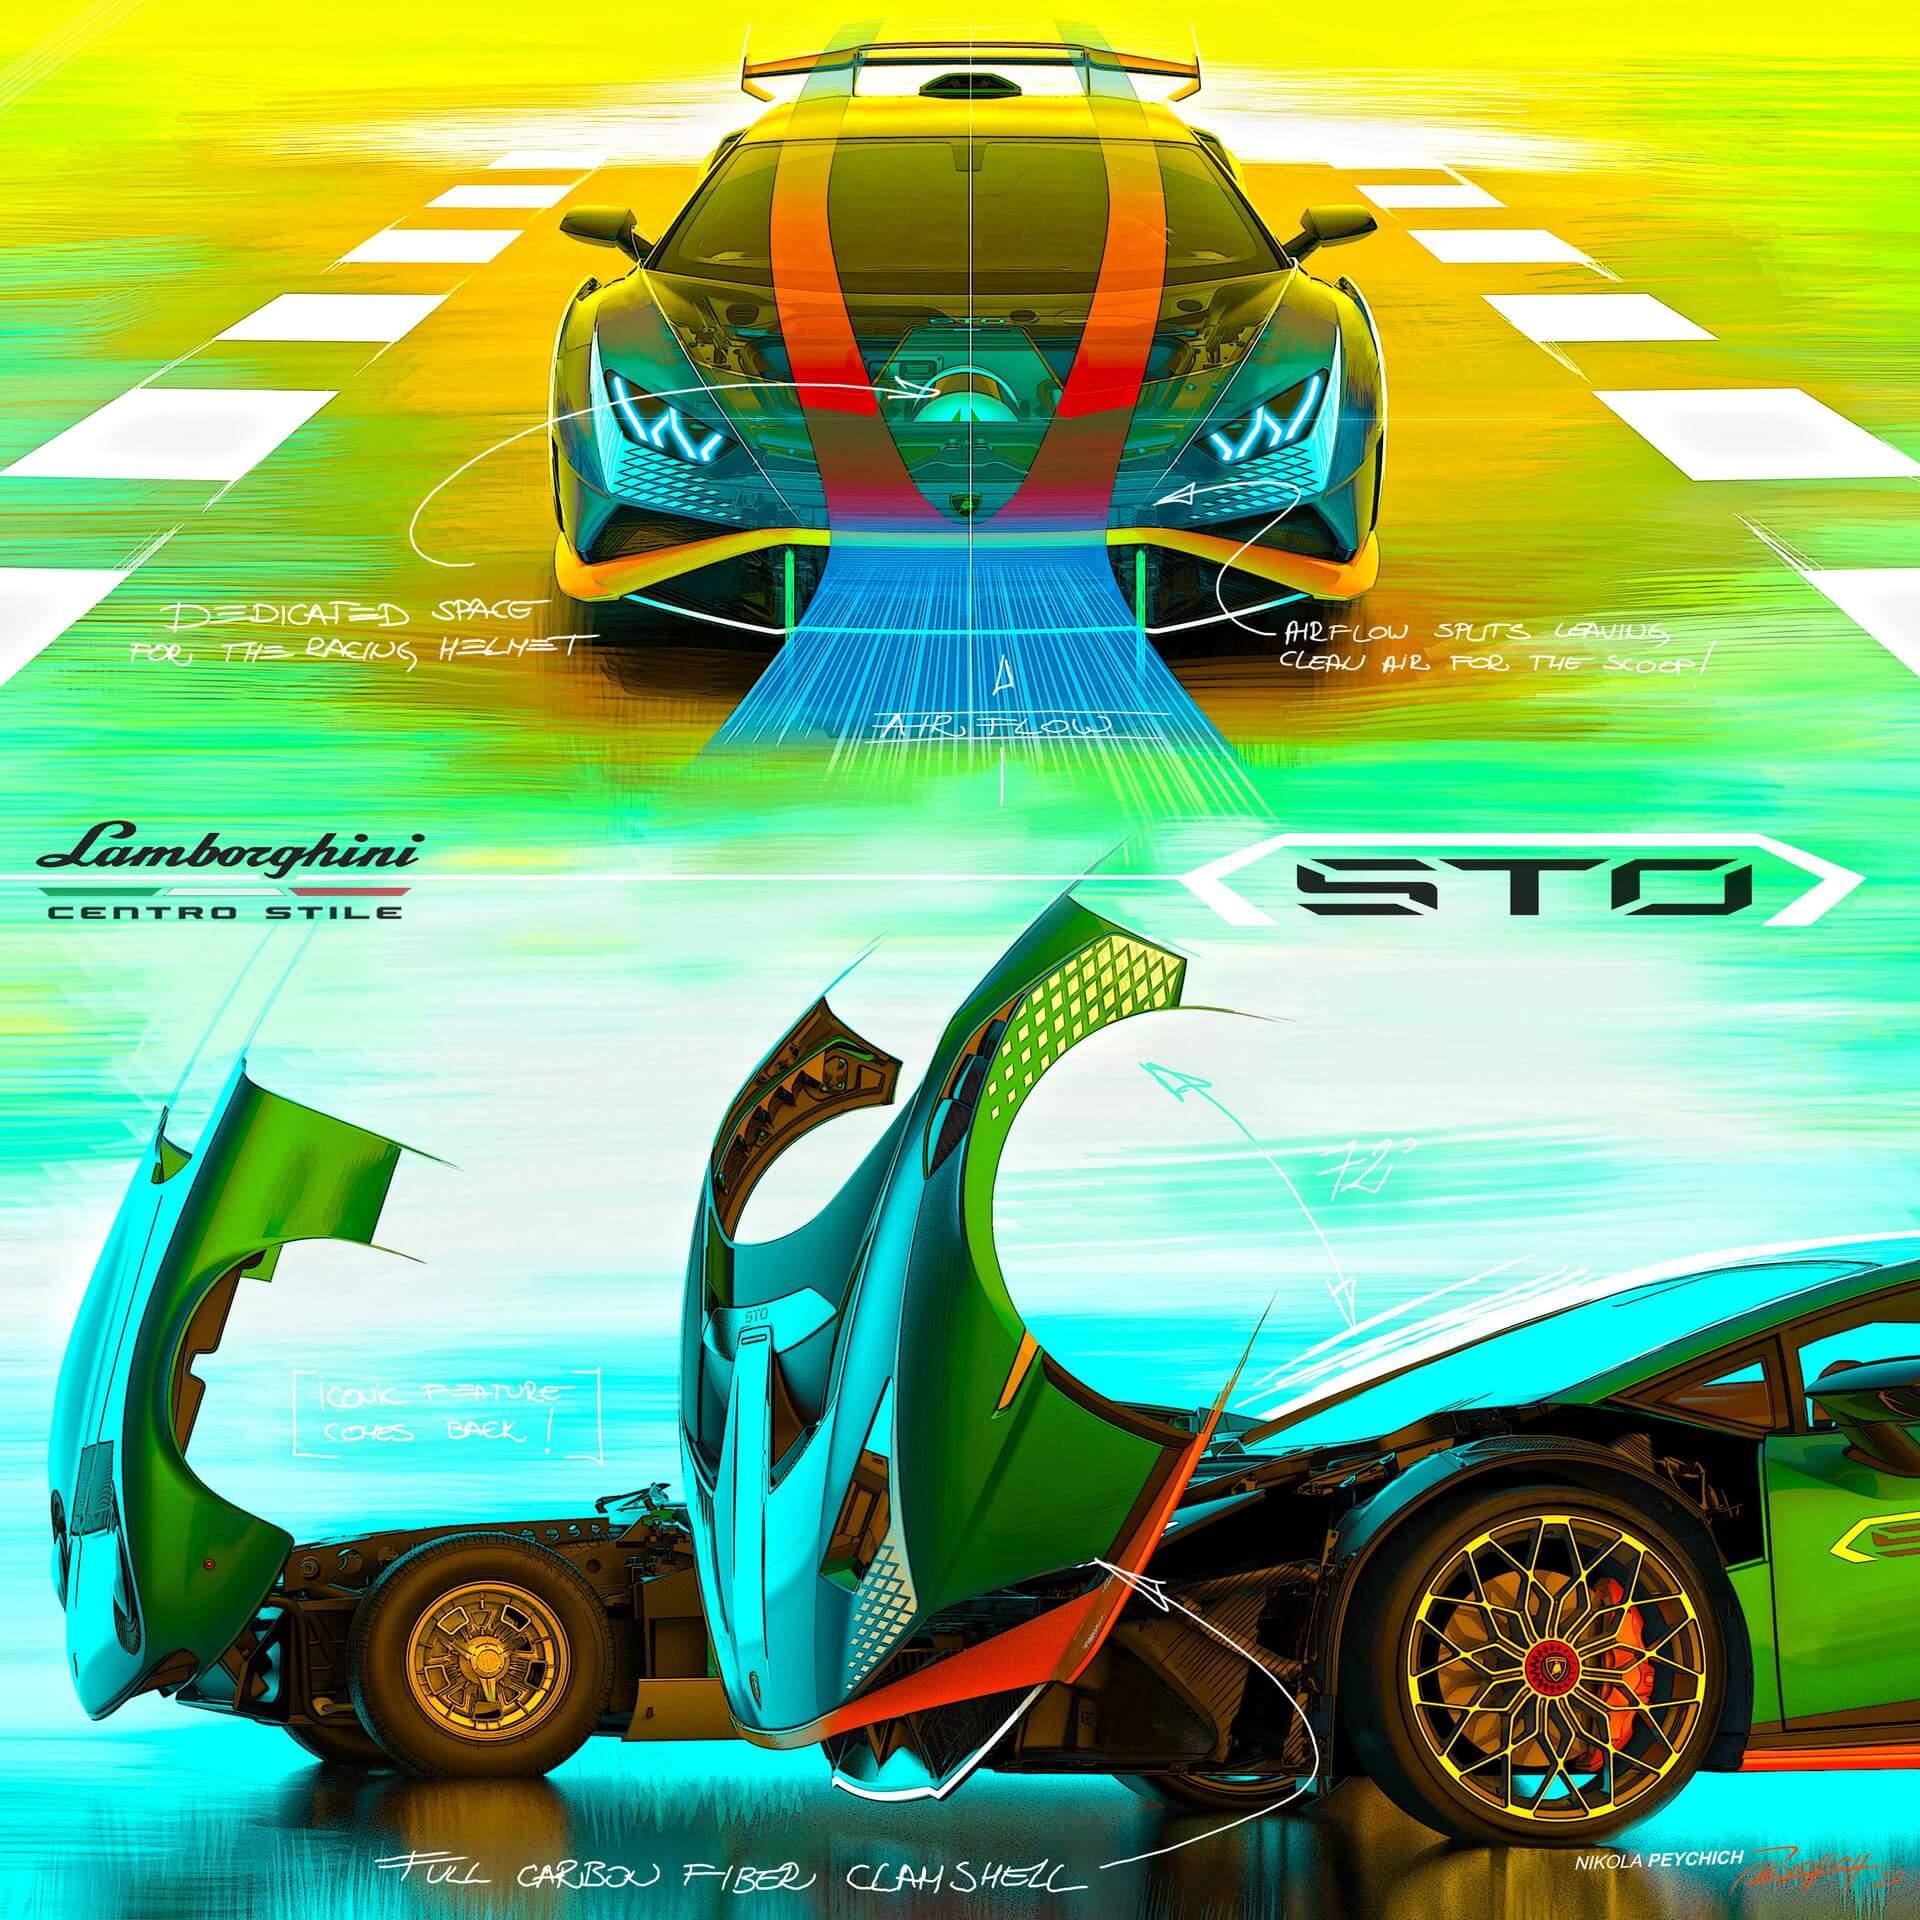 Lamborghini cofango